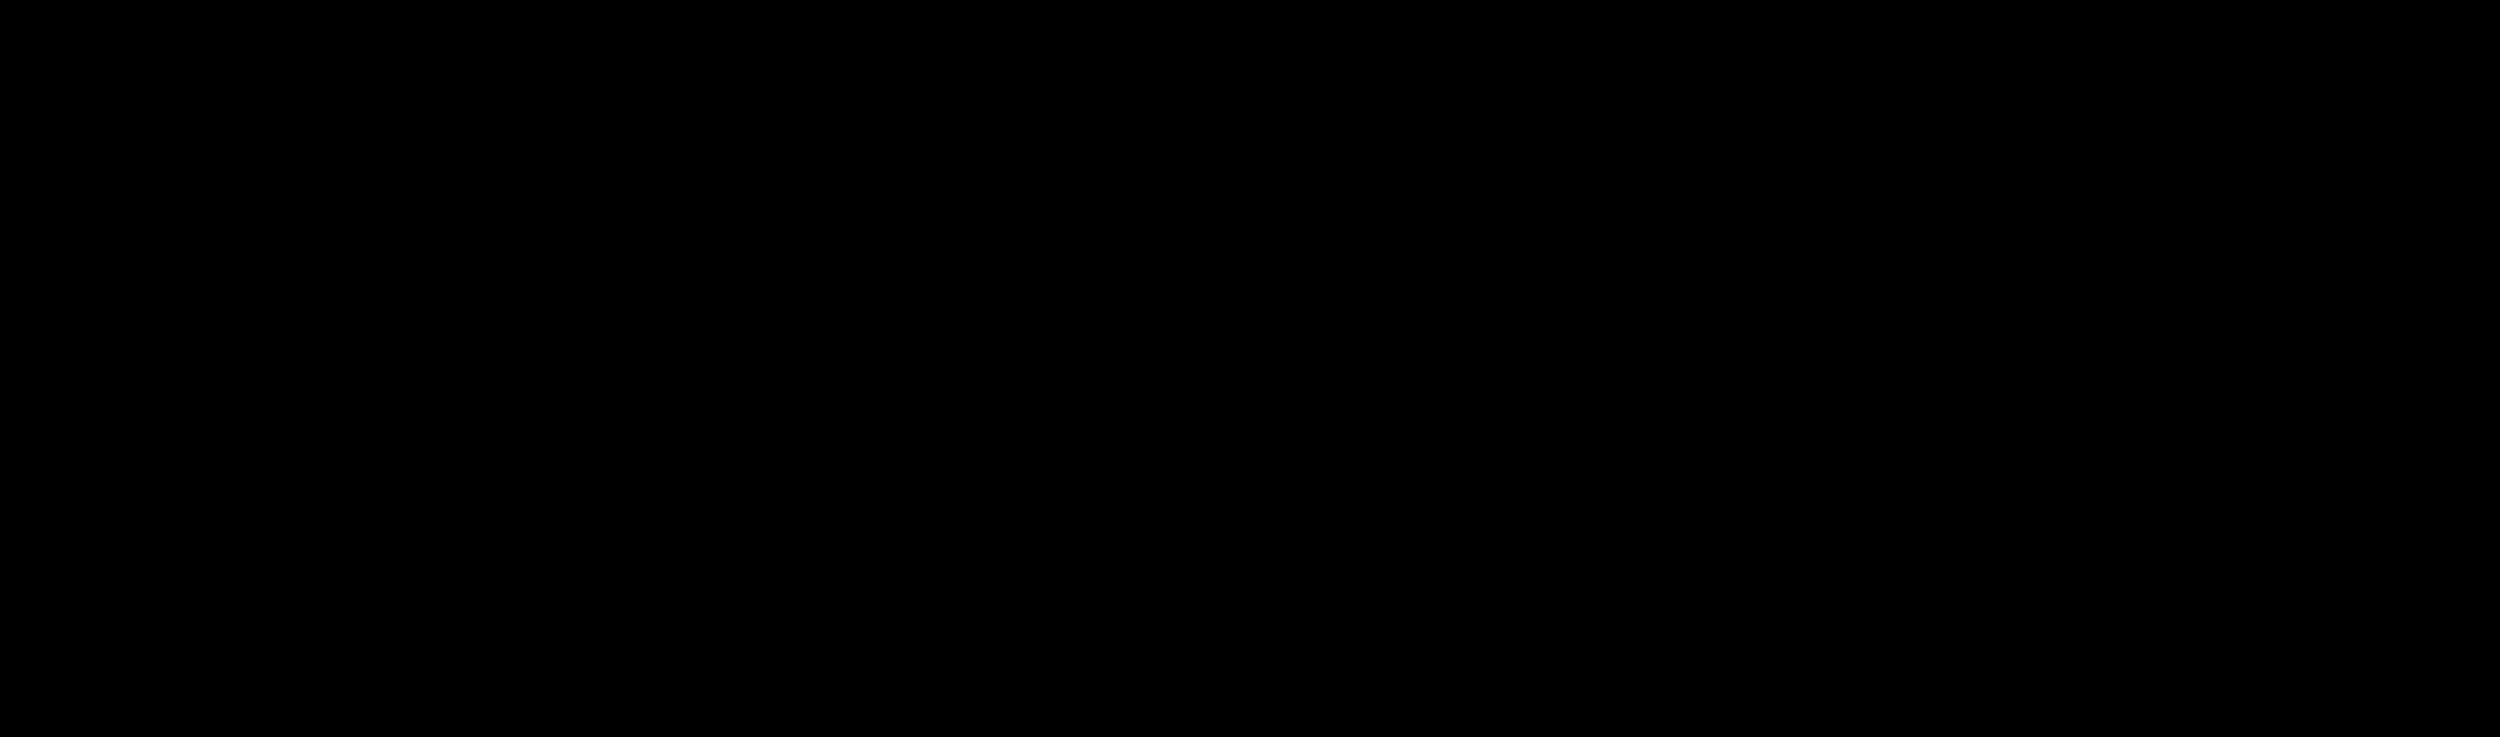 anim8 logo black.png